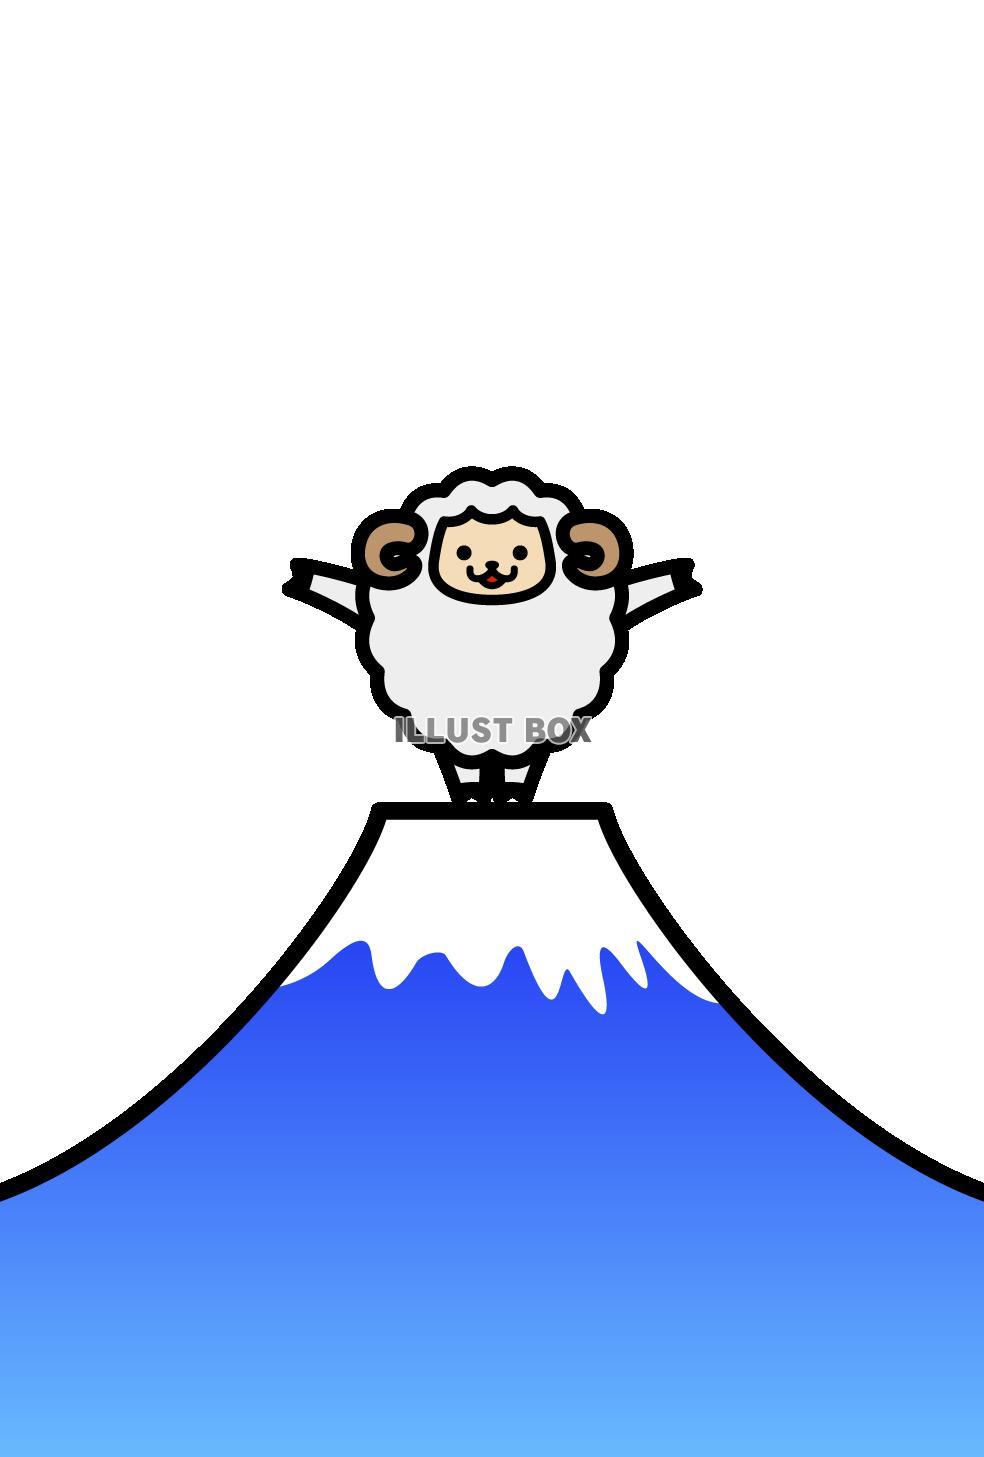 イラスト 2015 羊 イラスト : ... と羊の年賀状イラスト【2015